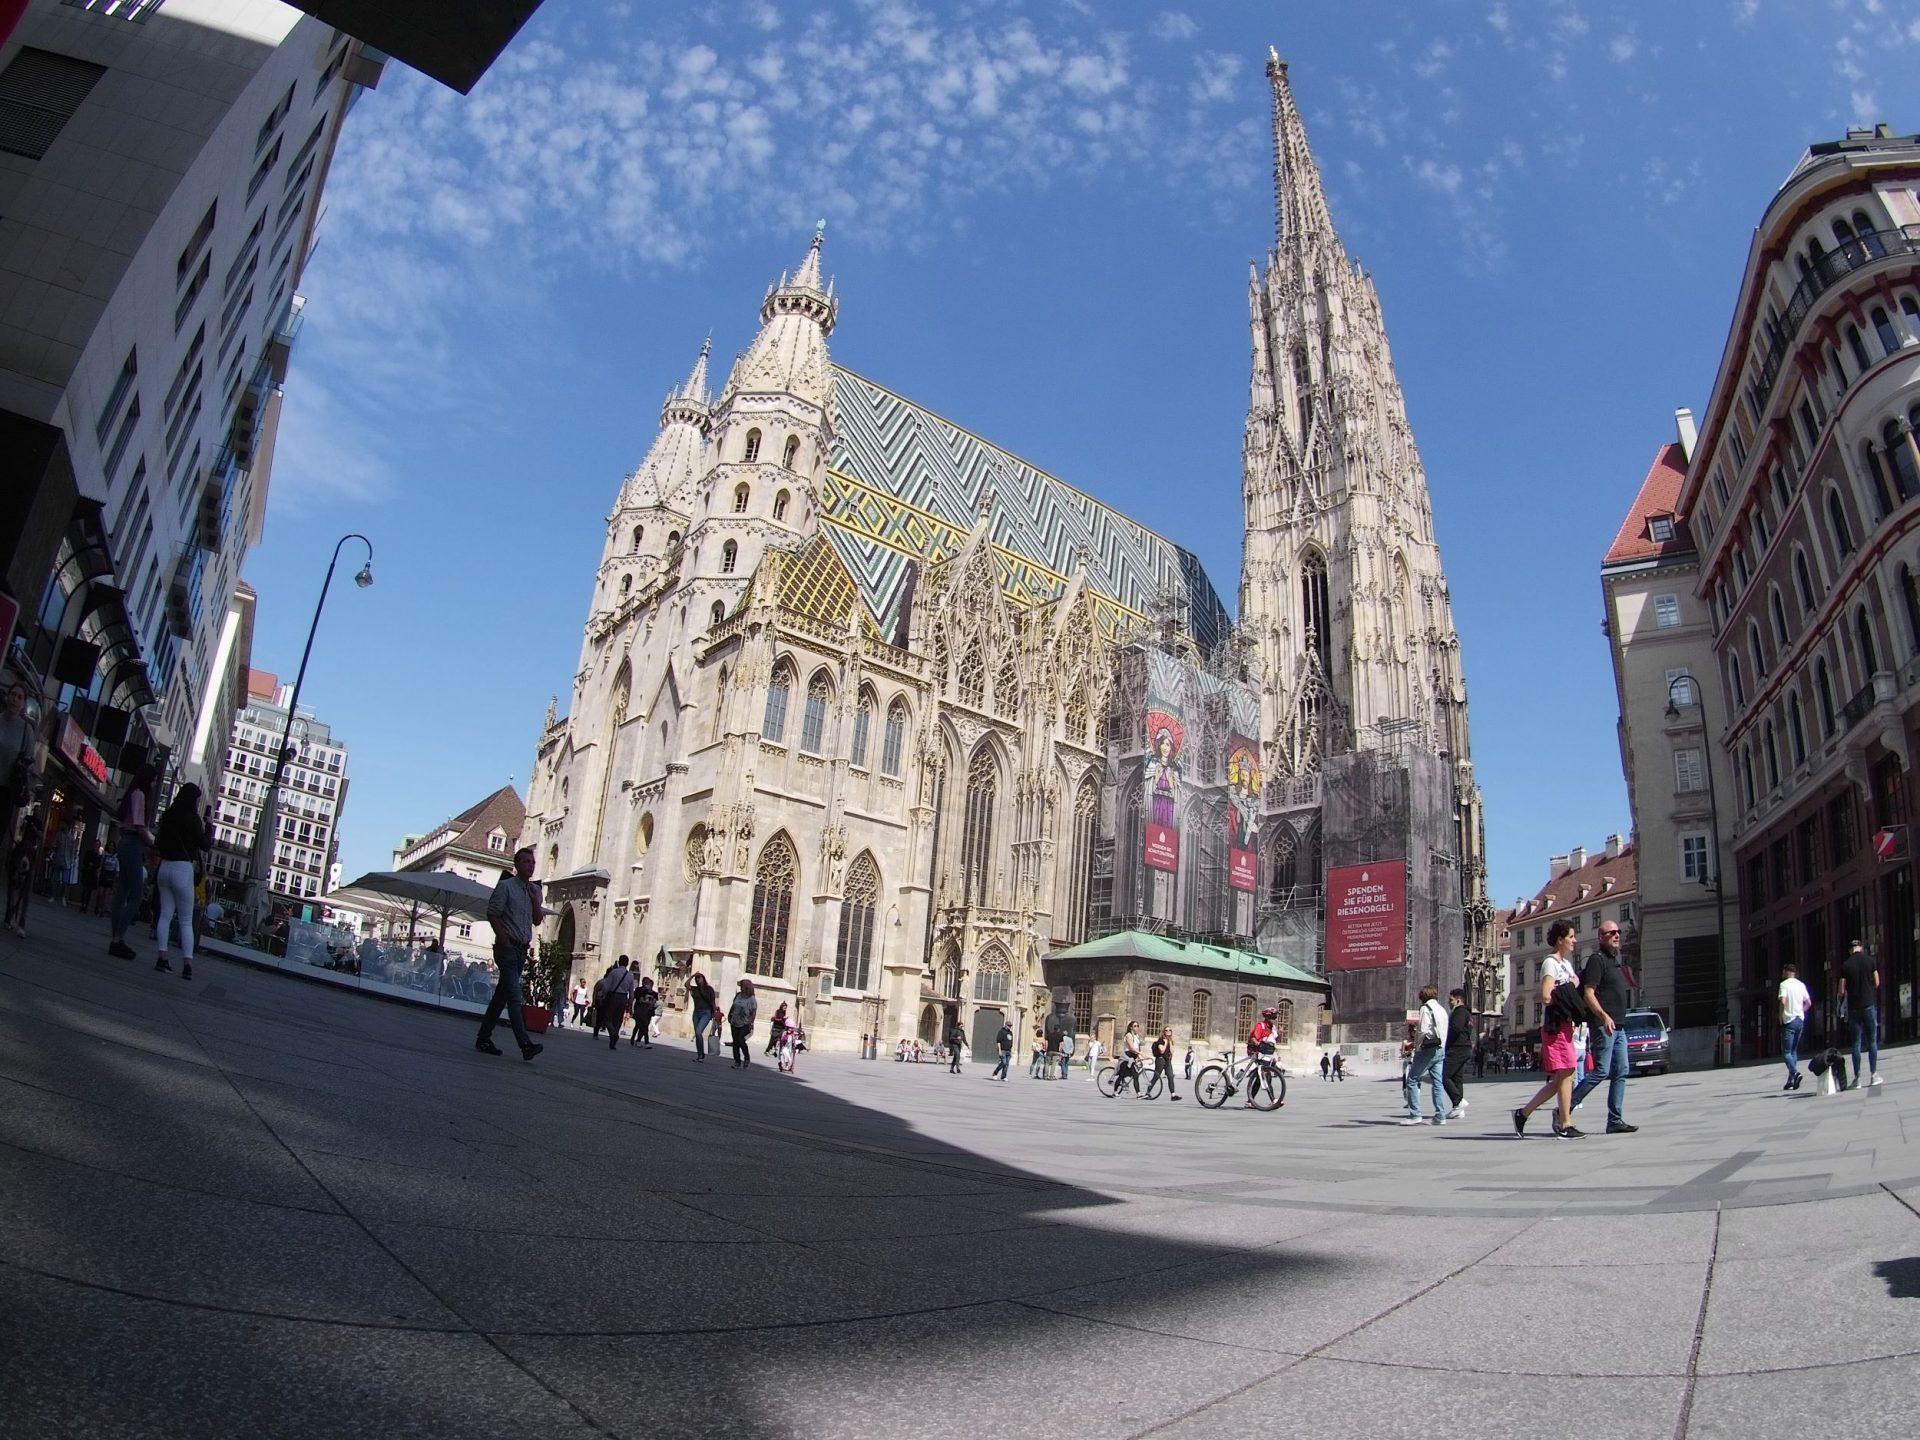 Какая она — Вена без туристов. Фоторепортаж мая 2020 года с улиц австрийской столицы